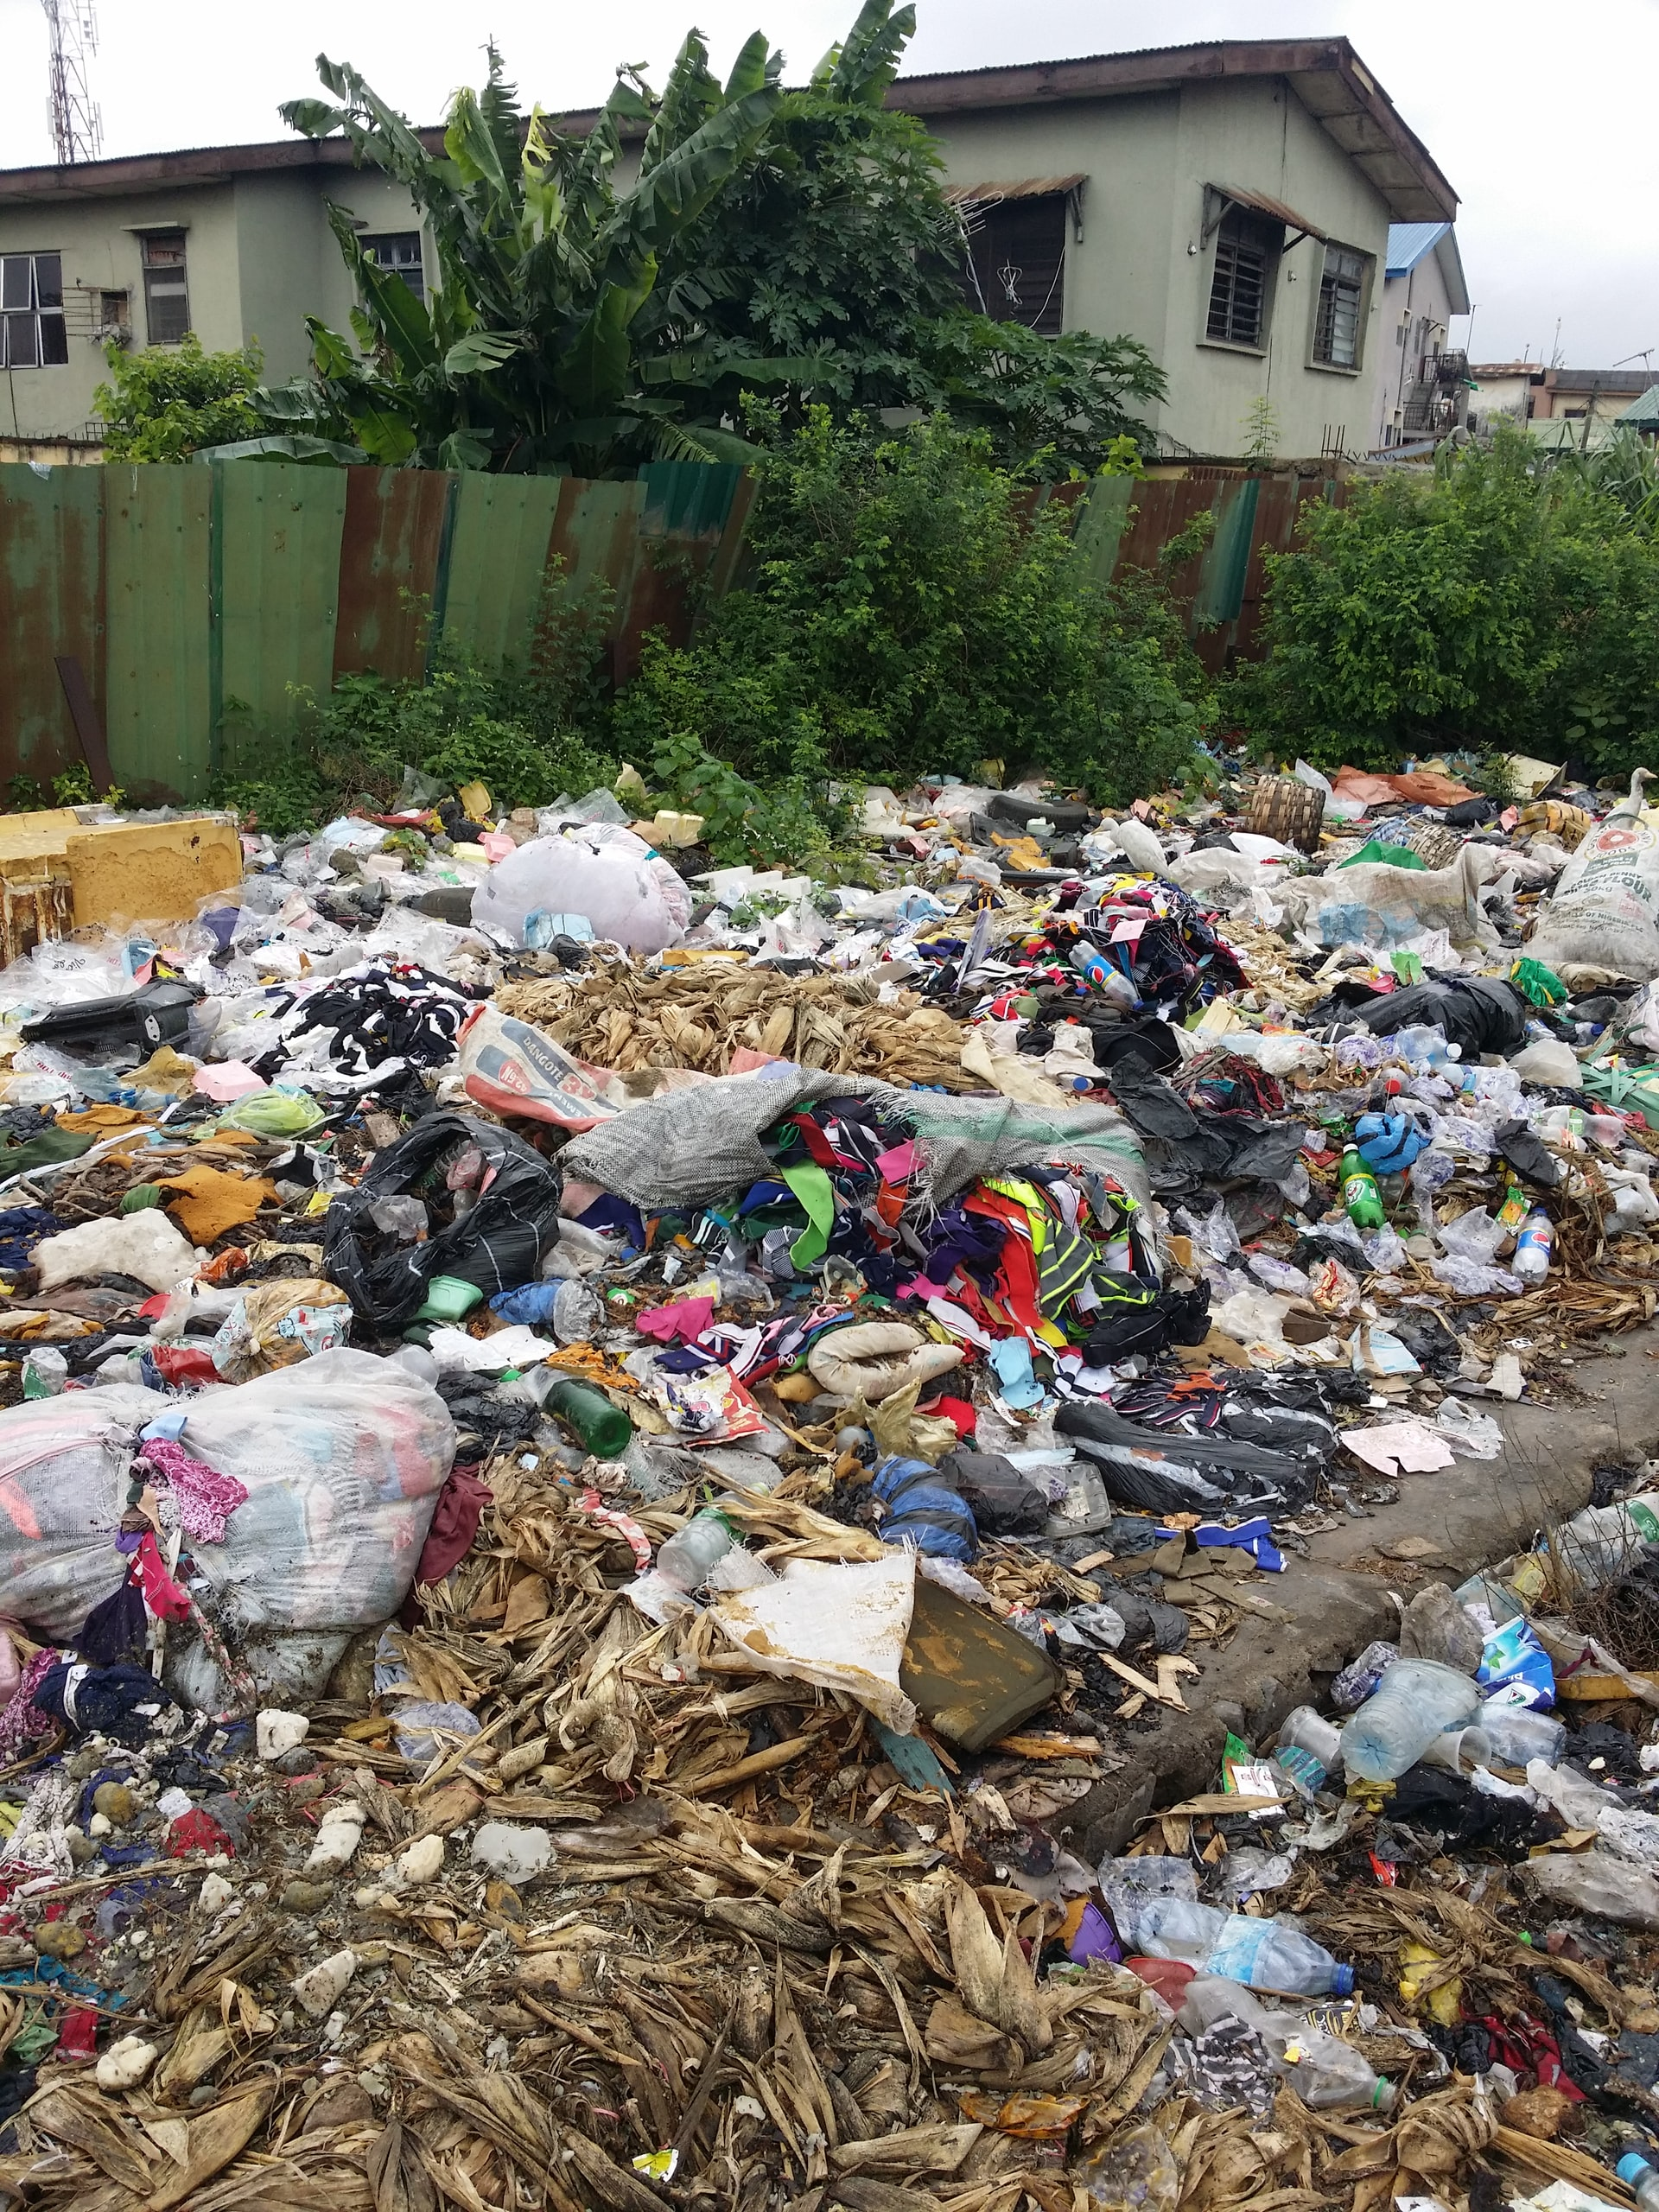 curte plina de gunoaie, o groapa de gunoi improvizata